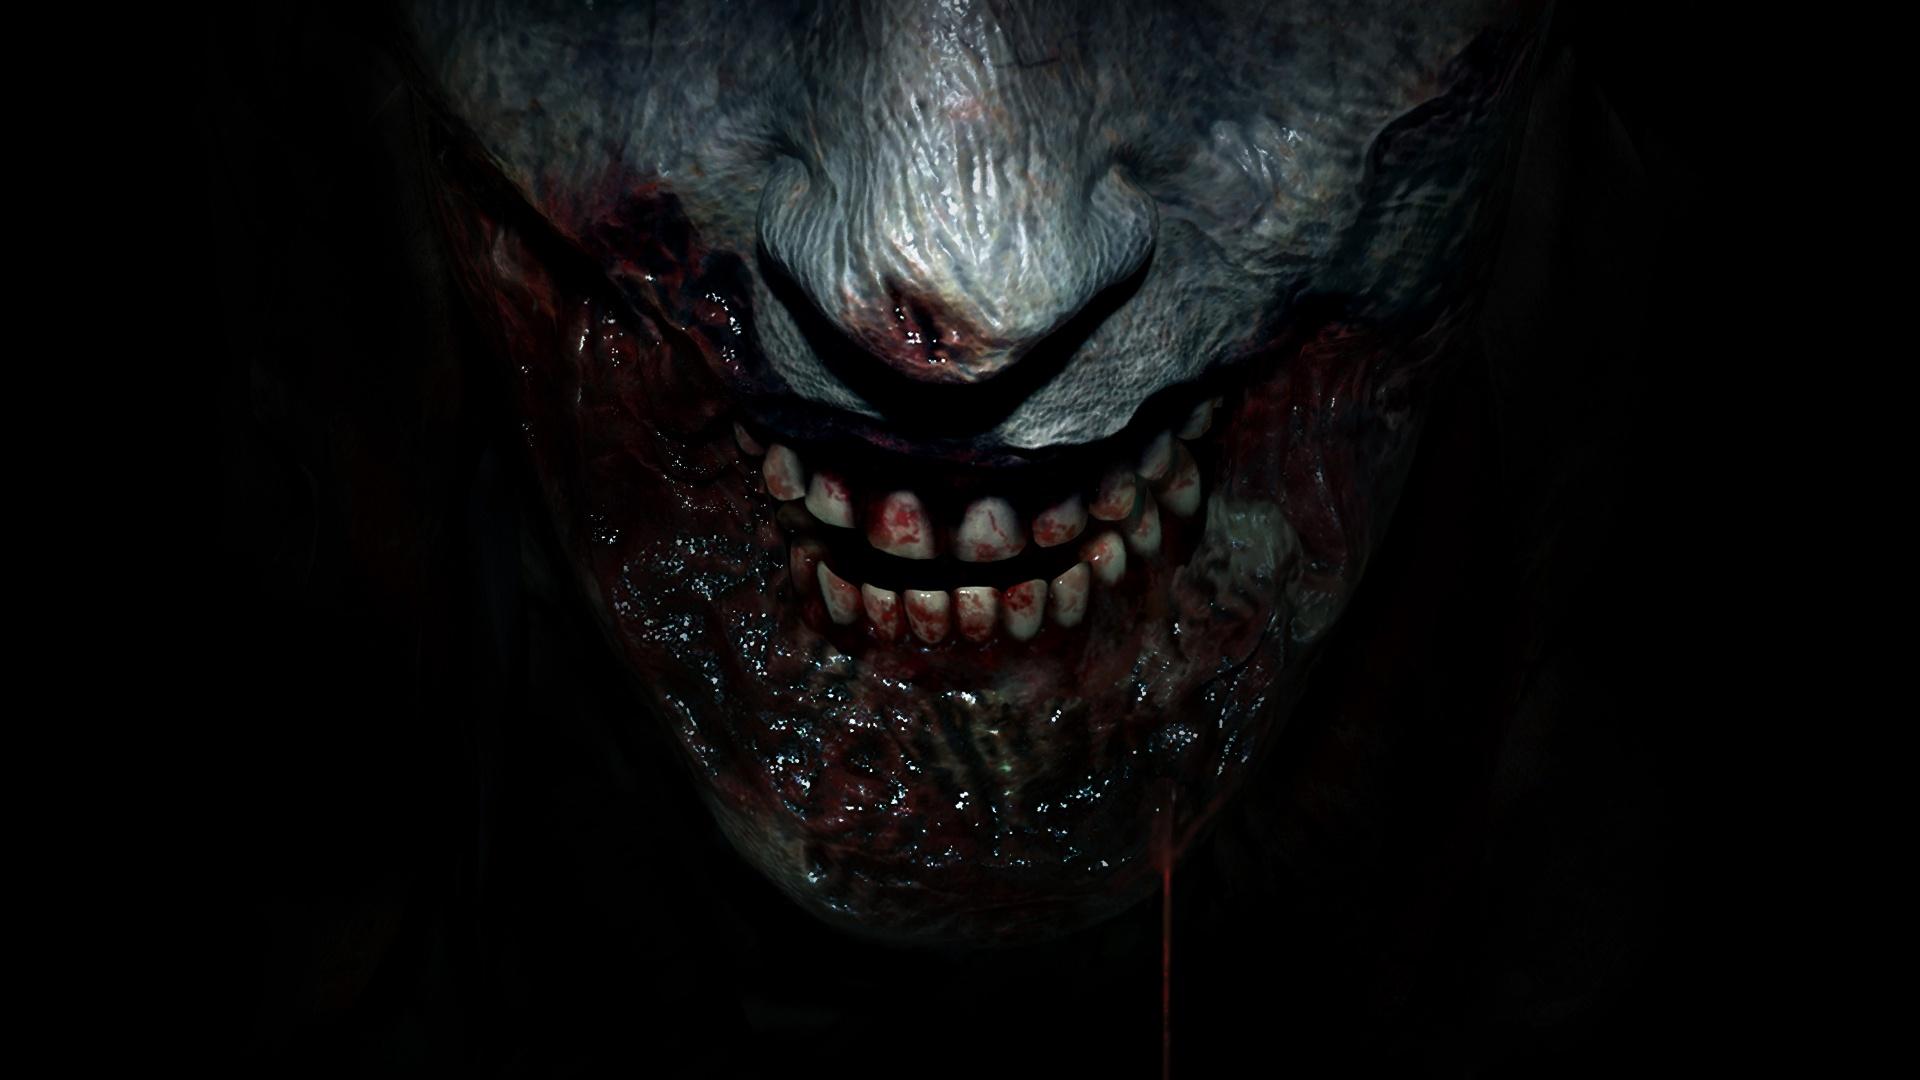 Американские фанаты Resident Evil также протестируют новую игру Capcom